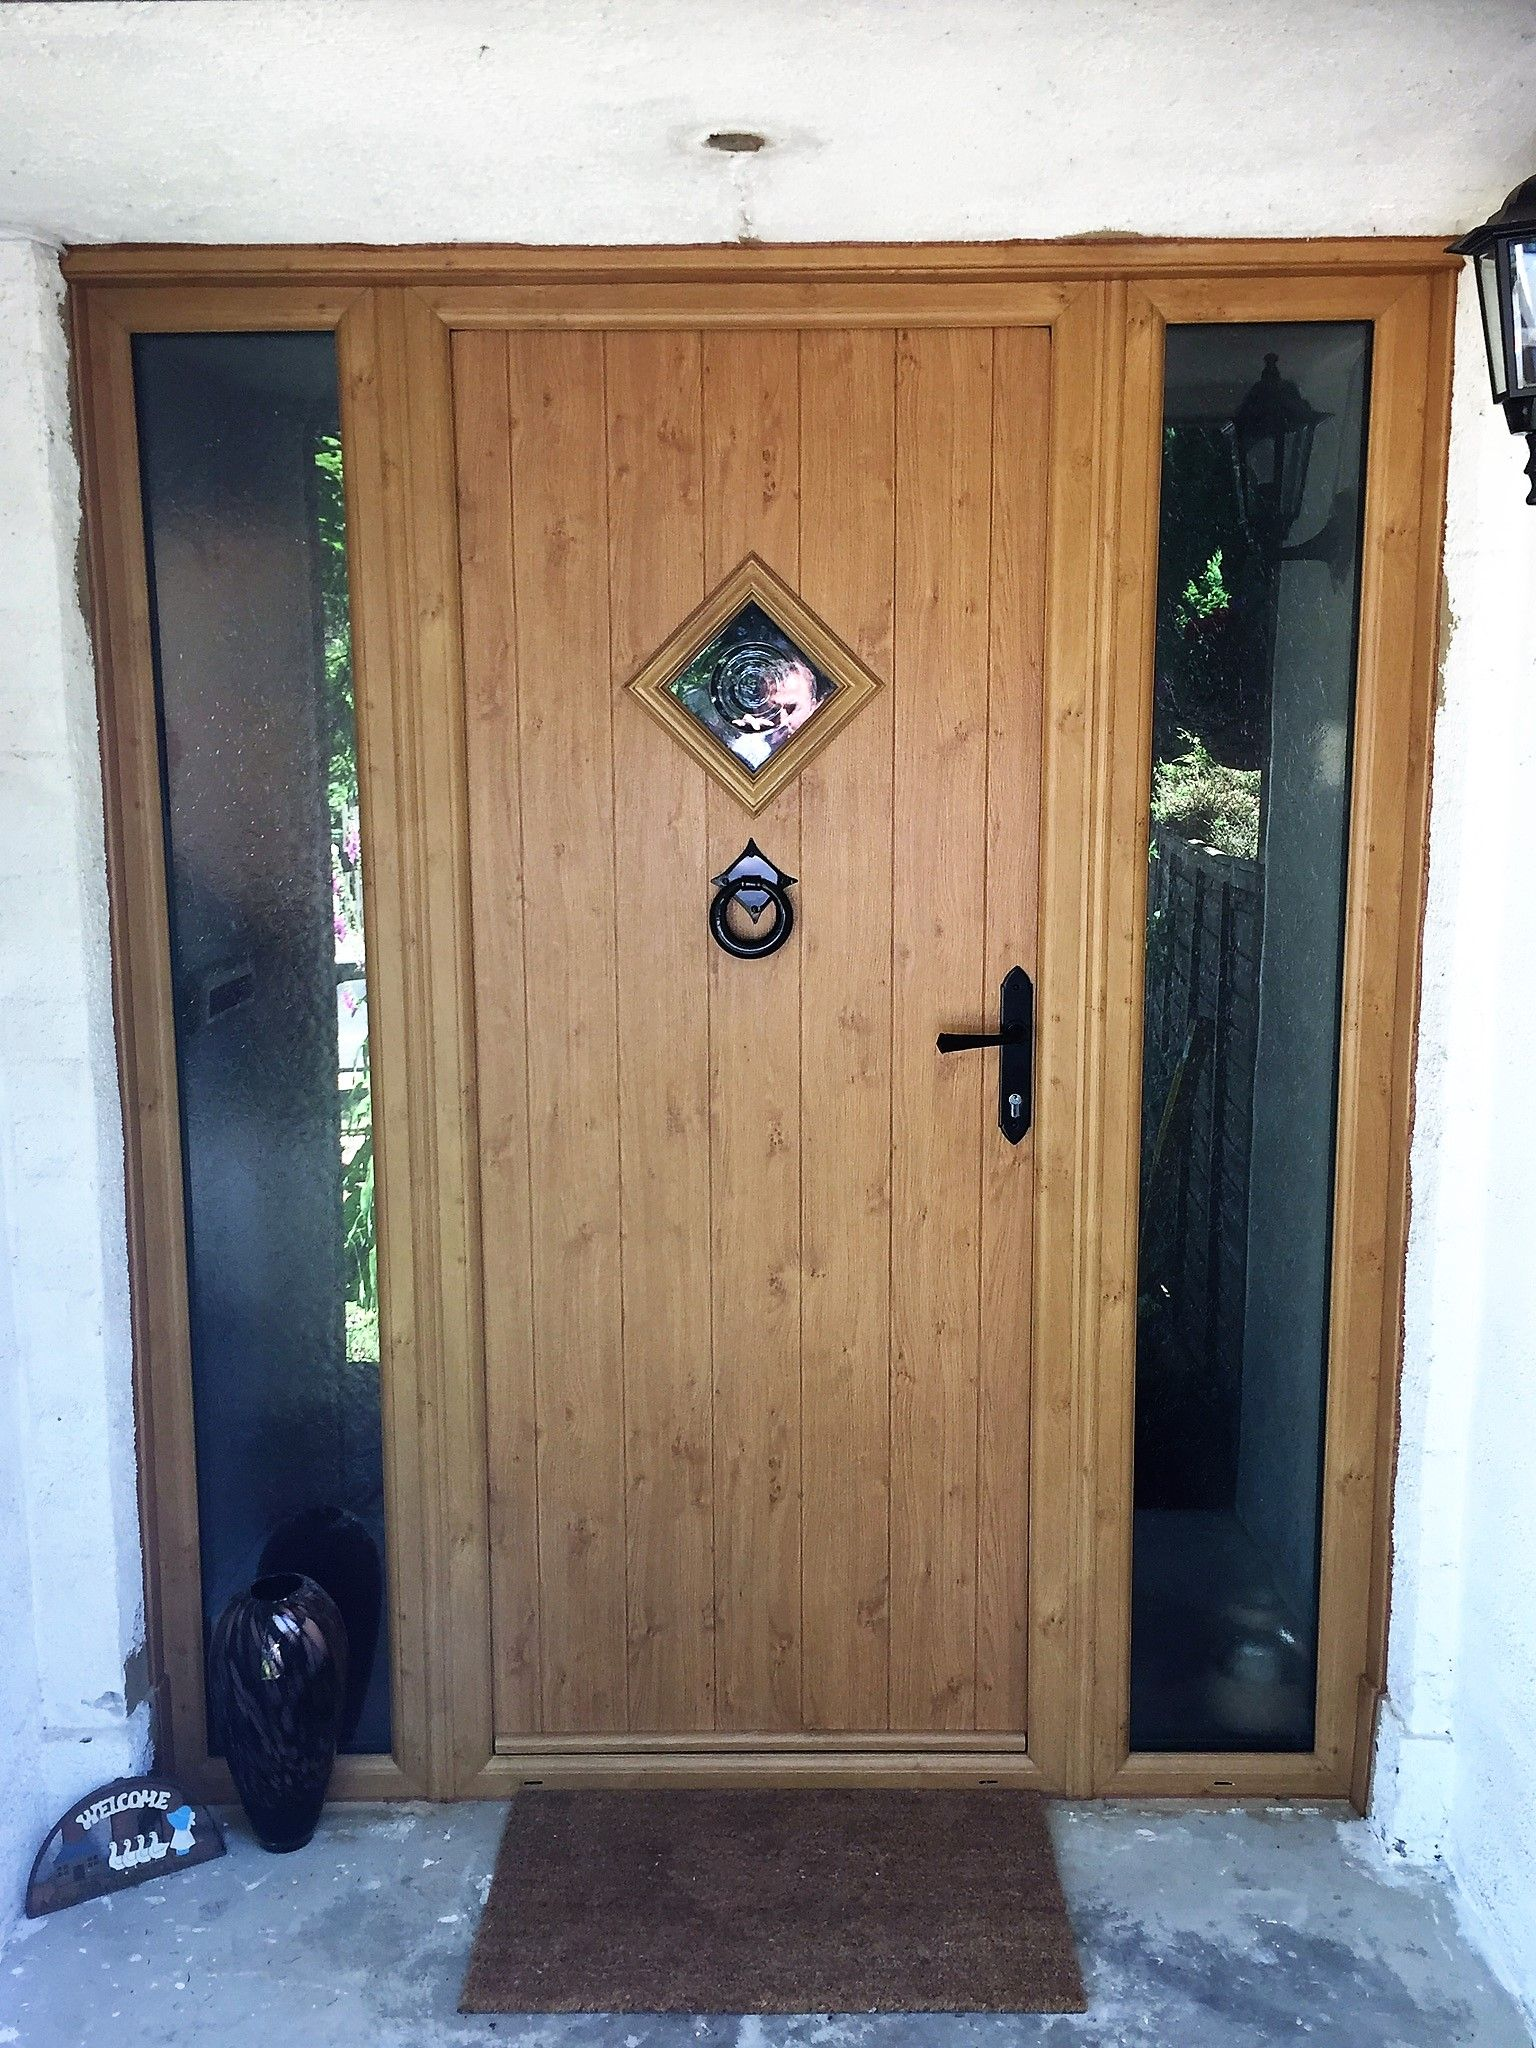 Beautiful country home front door in golden oak solidor flint beautiful country home front door in golden oak solidor flint style rubansaba